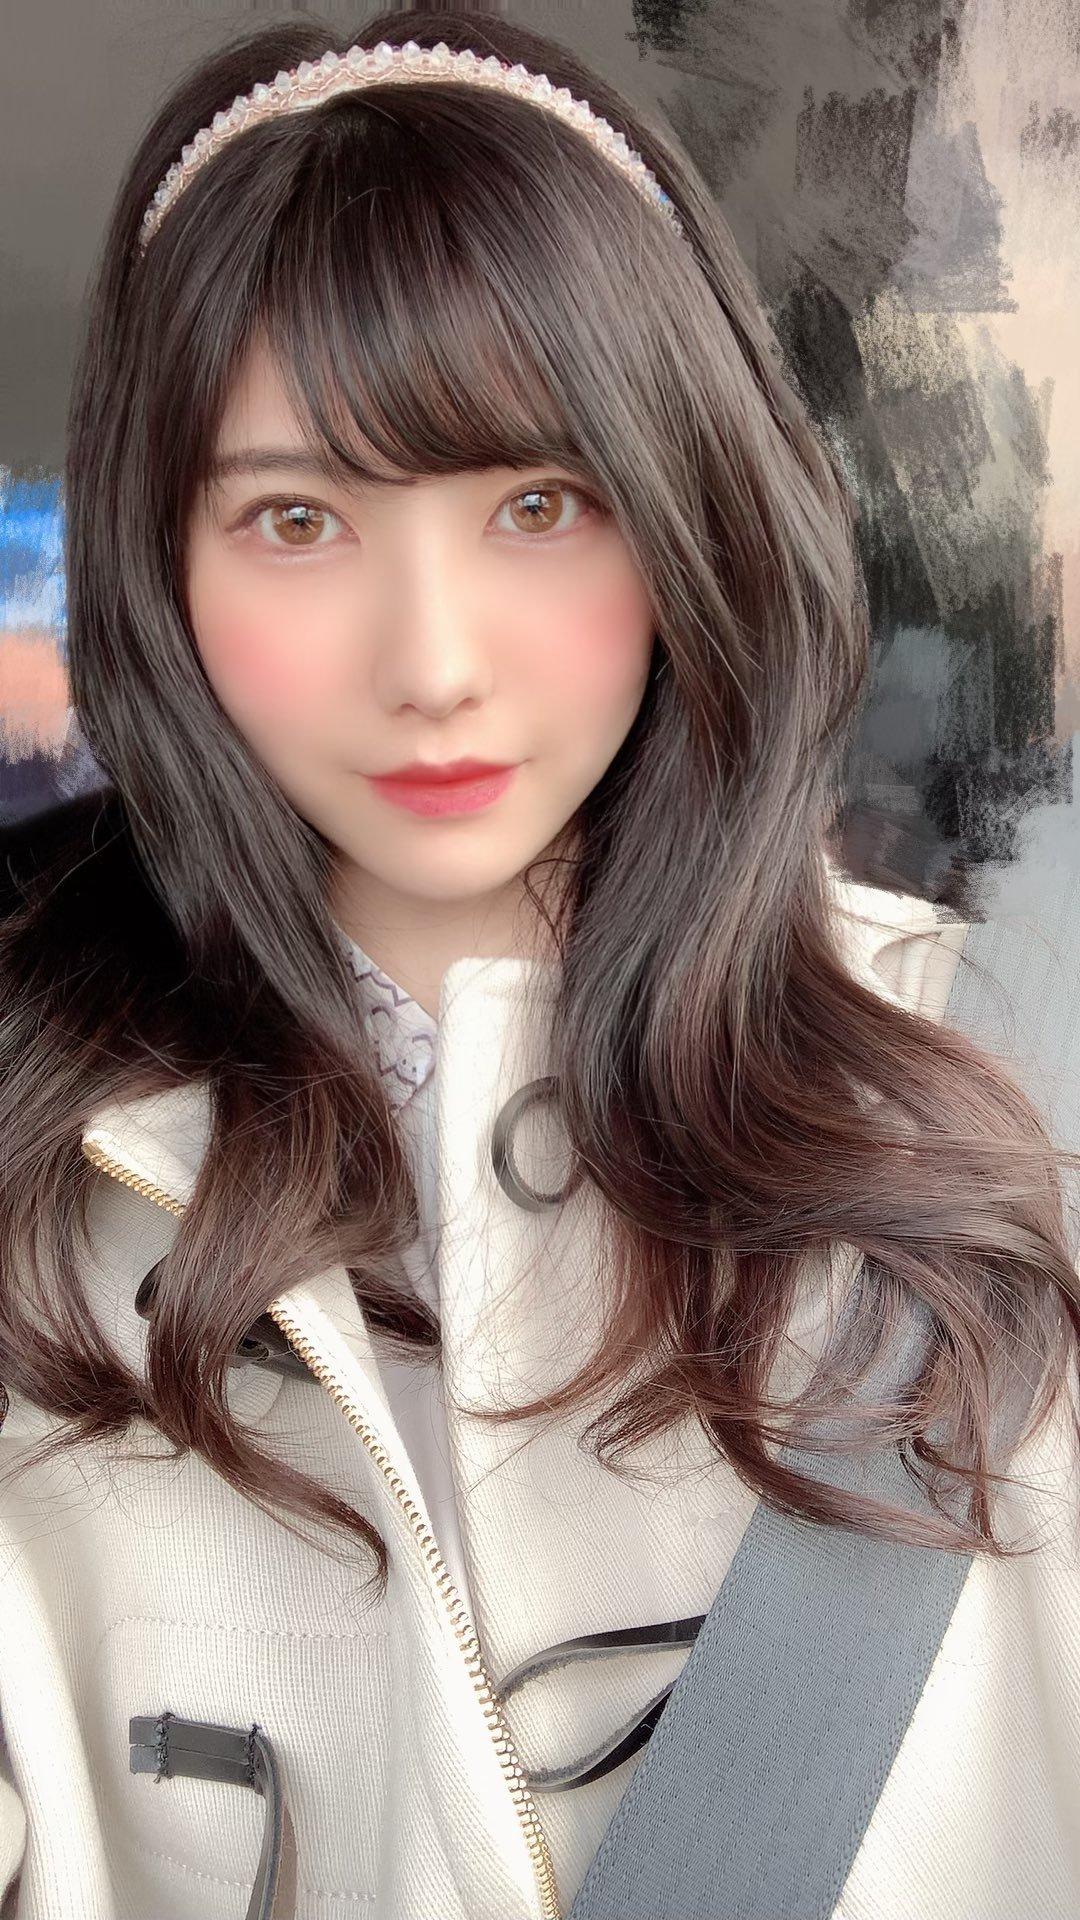 aiga_mizuki 1249346884579164161_p0